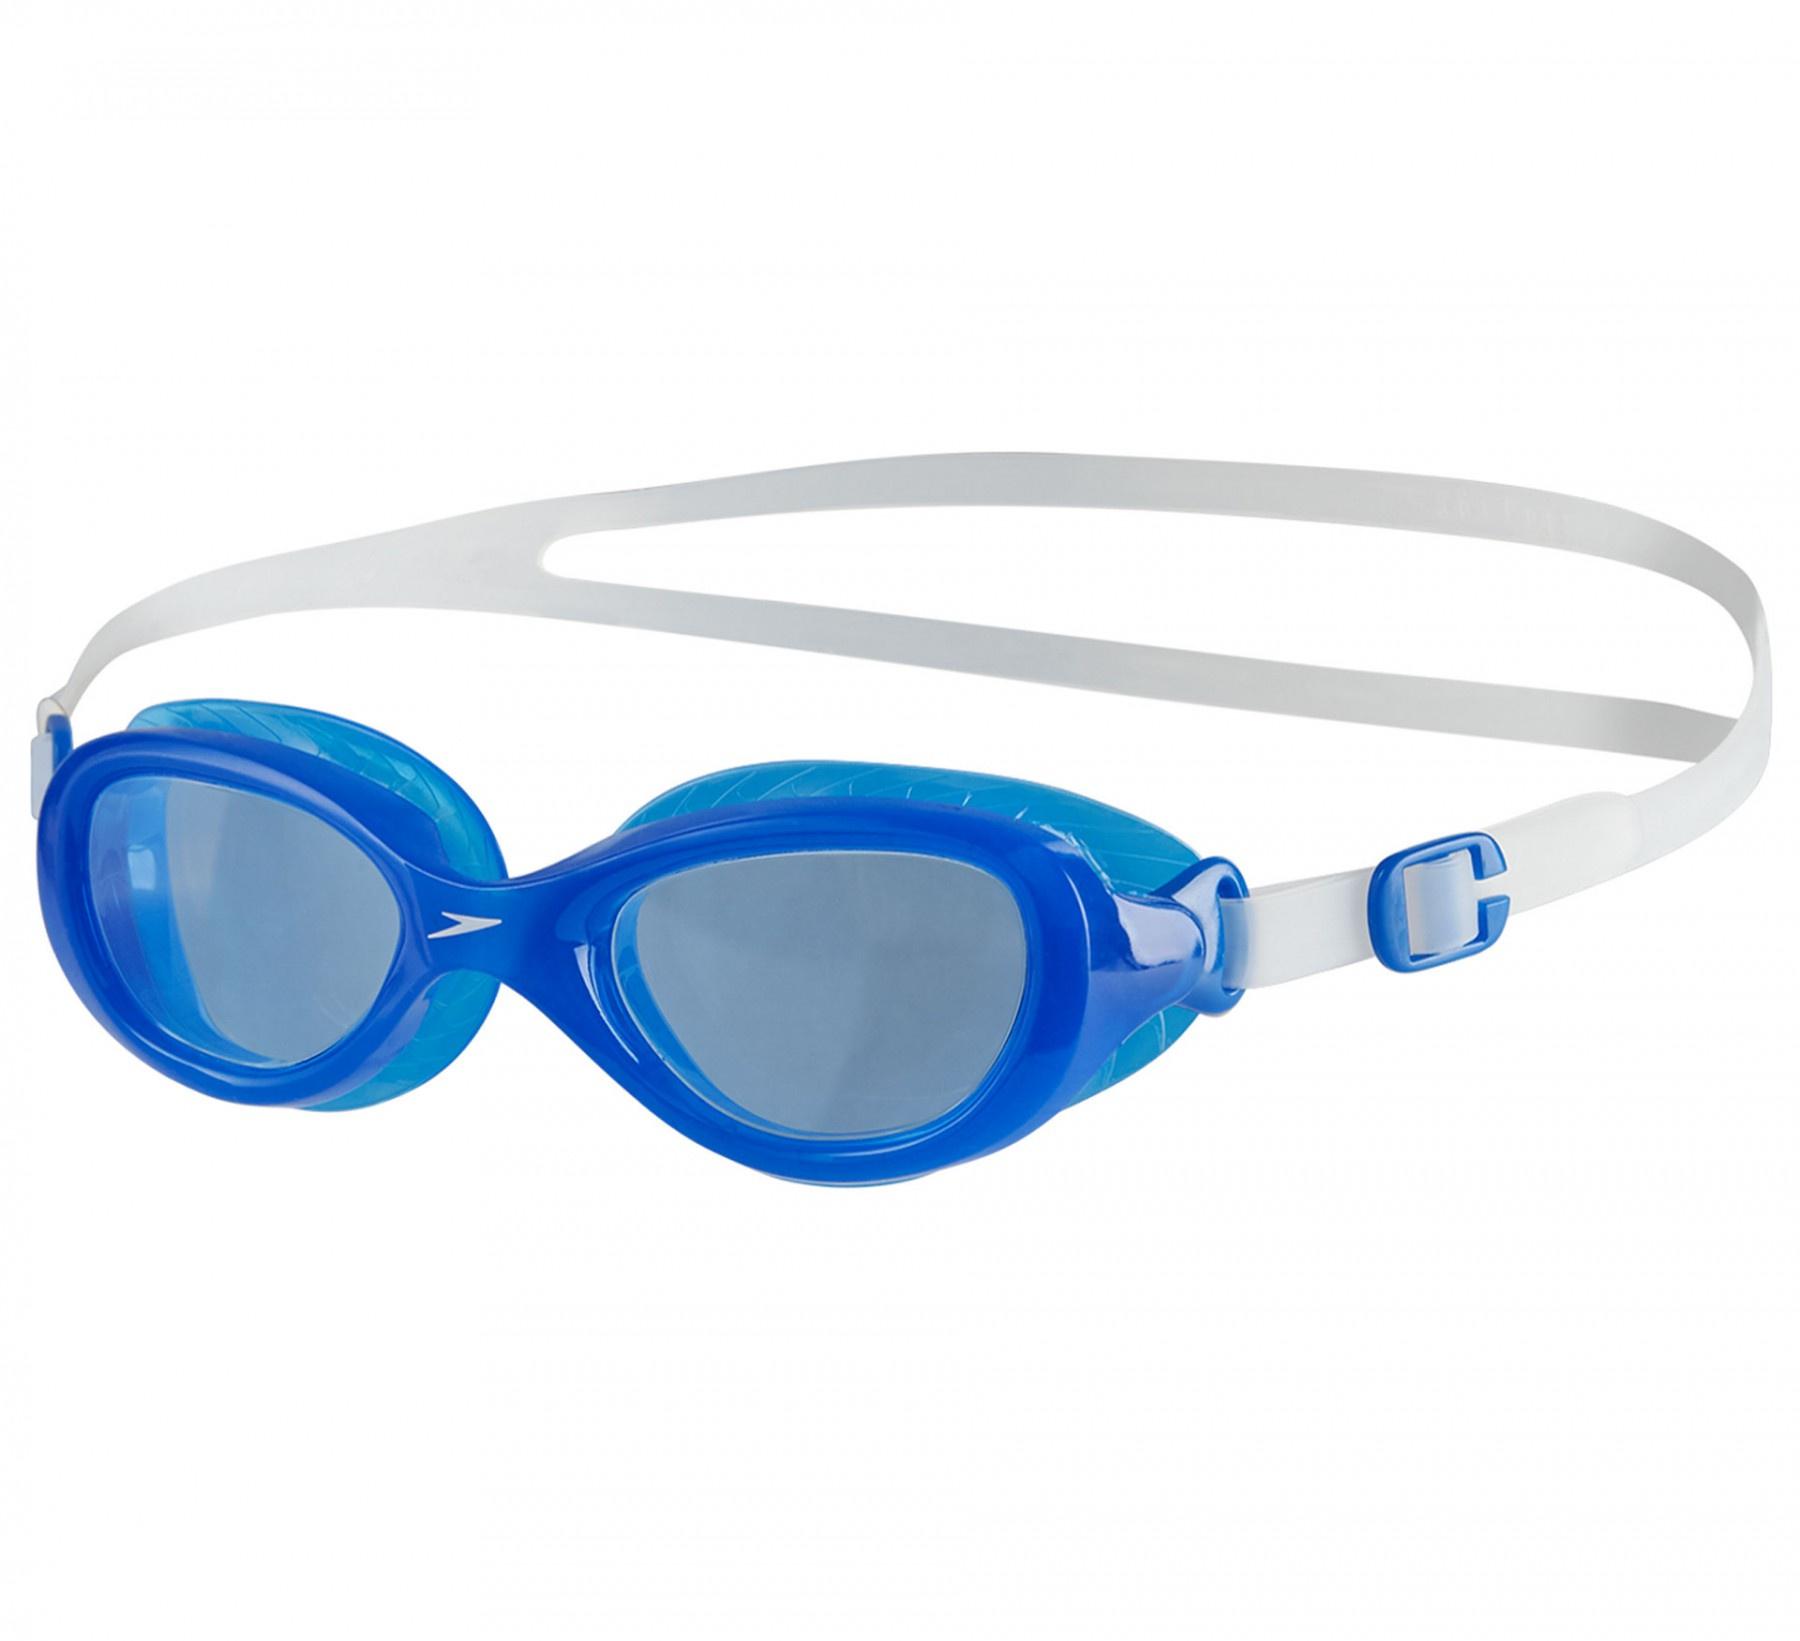 Futura Classic Junior Goggles Clear/Neon Blue